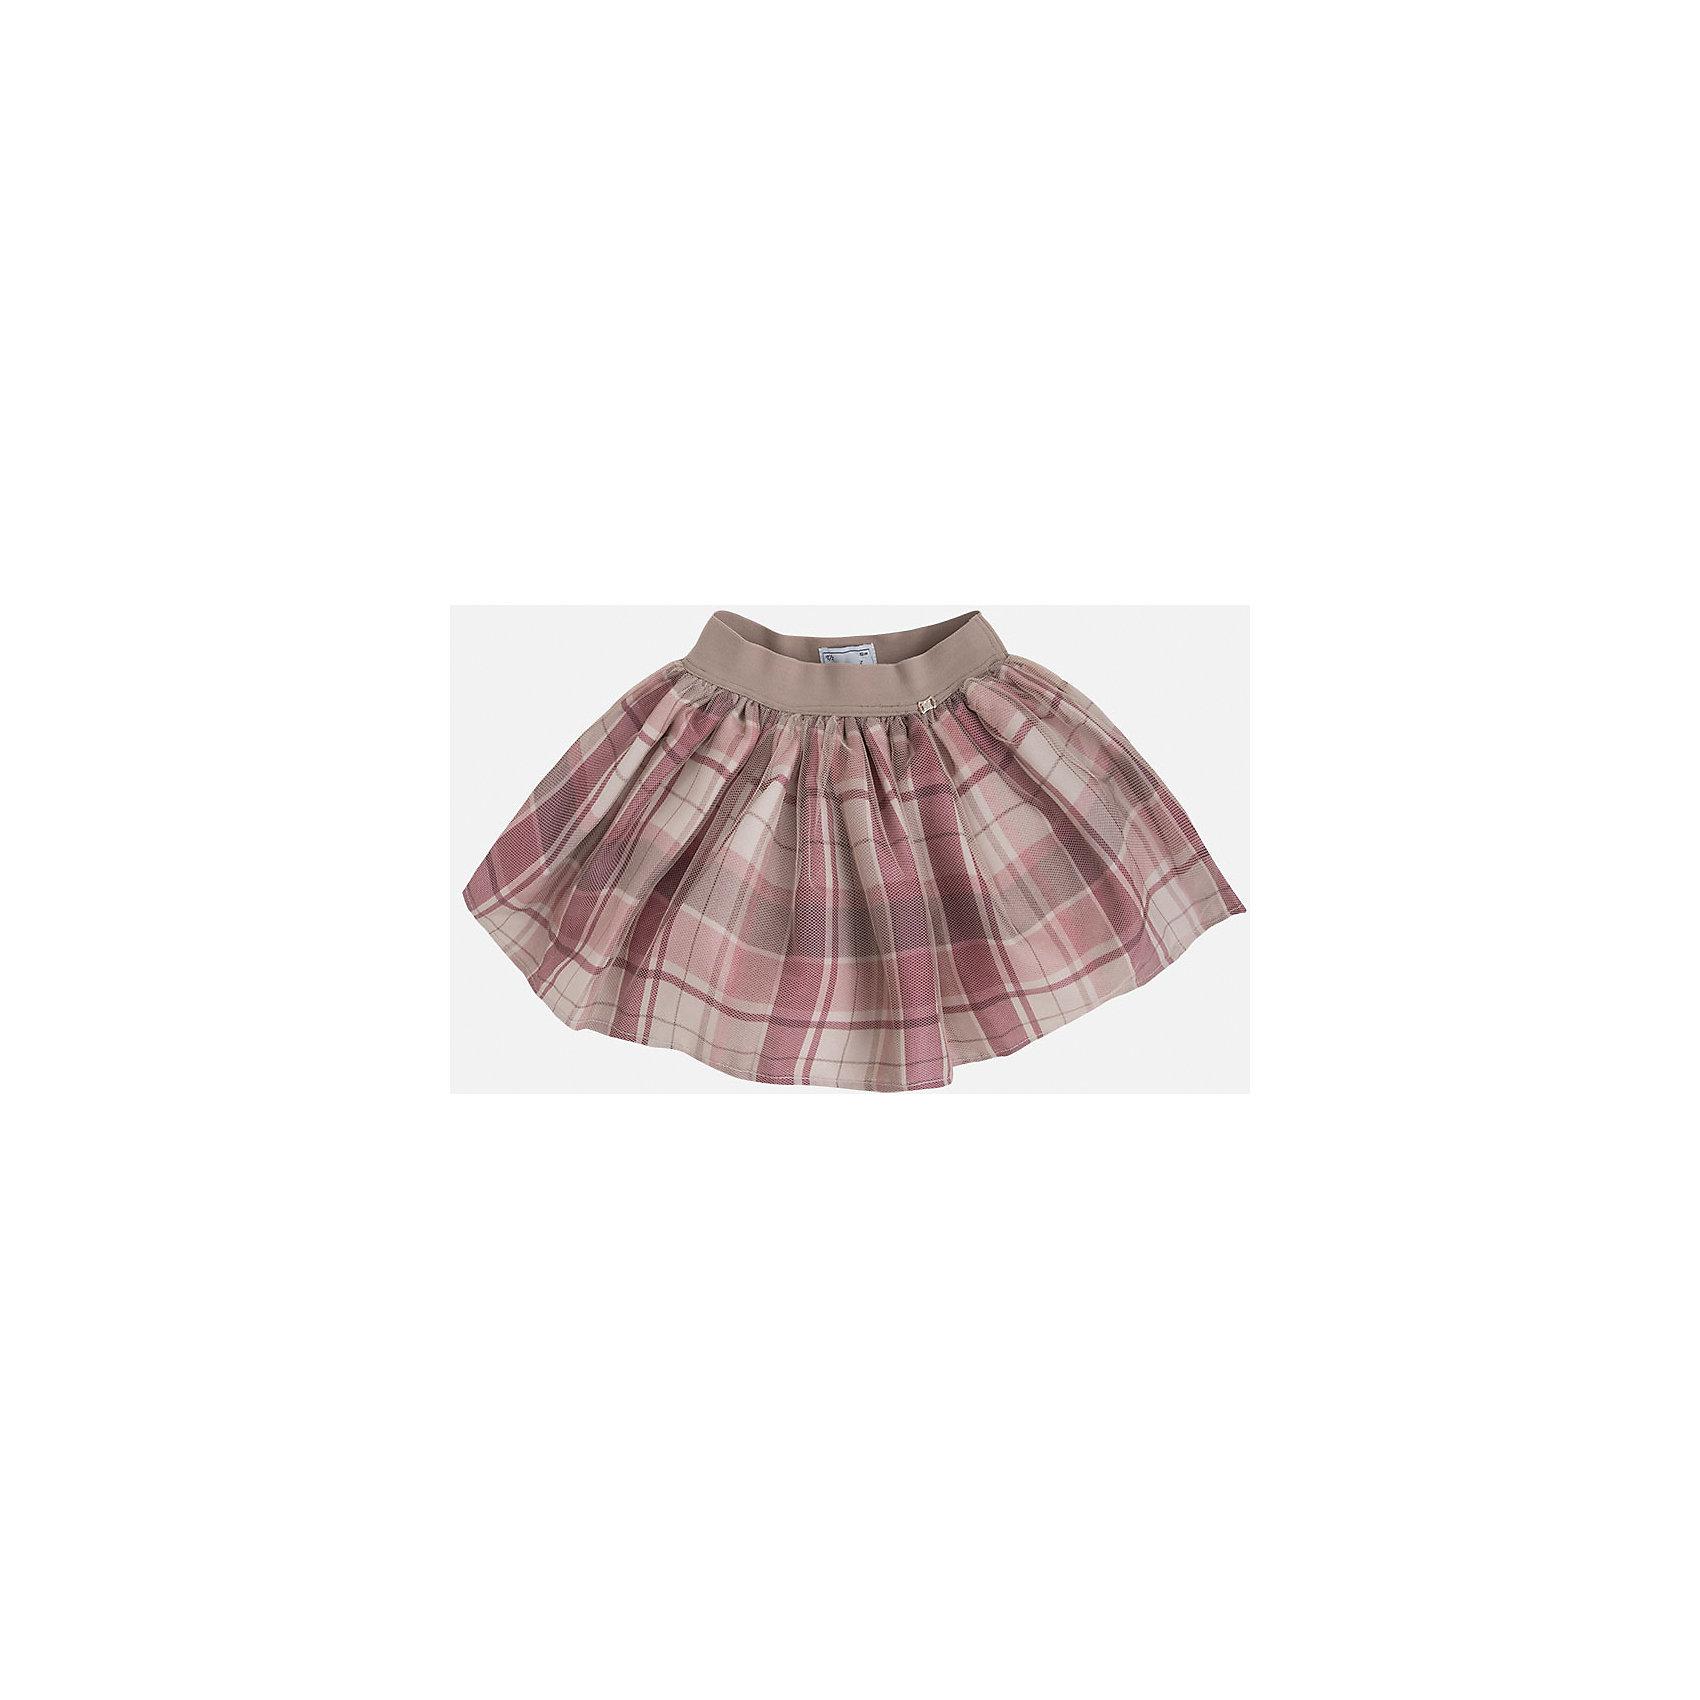 Юбка для девочки MayoralЮбки<br>Стильная юбка в клетку на подкладке декорирована нежным фатином и логотипом торговой марки    Майорал -Mayoral  , а также дополнена эластичной резинкой на поясе. Модель дополнит и подчеркнет повседневный образ ребенка.<br><br>Дополнительная информация: <br><br>- цвет: розовый<br>- состав: полиэстер 100% ;подкладка: полиэстер 100%<br>- фактура материала: текстильный<br>- вид застежки: молния<br>- длина изделия: по спинке: 48 см<br>- длина юбки: миди<br>- тип посадки: средняя посадка<br>- тип карманов: без карманов<br>- уход за вещами: бережная стирка при 30 градусах<br>- рисунок: без рисунка<br>- назначение: праздничная<br>- сезон: круглогодичный<br>- пол: девочки<br>- страна бренда: Испания<br>- комплектация: юбка<br><br>Юбку для девочки торговой марки Mayoral можно купить в нашем интернет-магазине.<br><br>Ширина мм: 207<br>Глубина мм: 10<br>Высота мм: 189<br>Вес г: 183<br>Цвет: розовый<br>Возраст от месяцев: 24<br>Возраст до месяцев: 36<br>Пол: Женский<br>Возраст: Детский<br>Размер: 98,122,134,128,110,116,104<br>SKU: 4844306